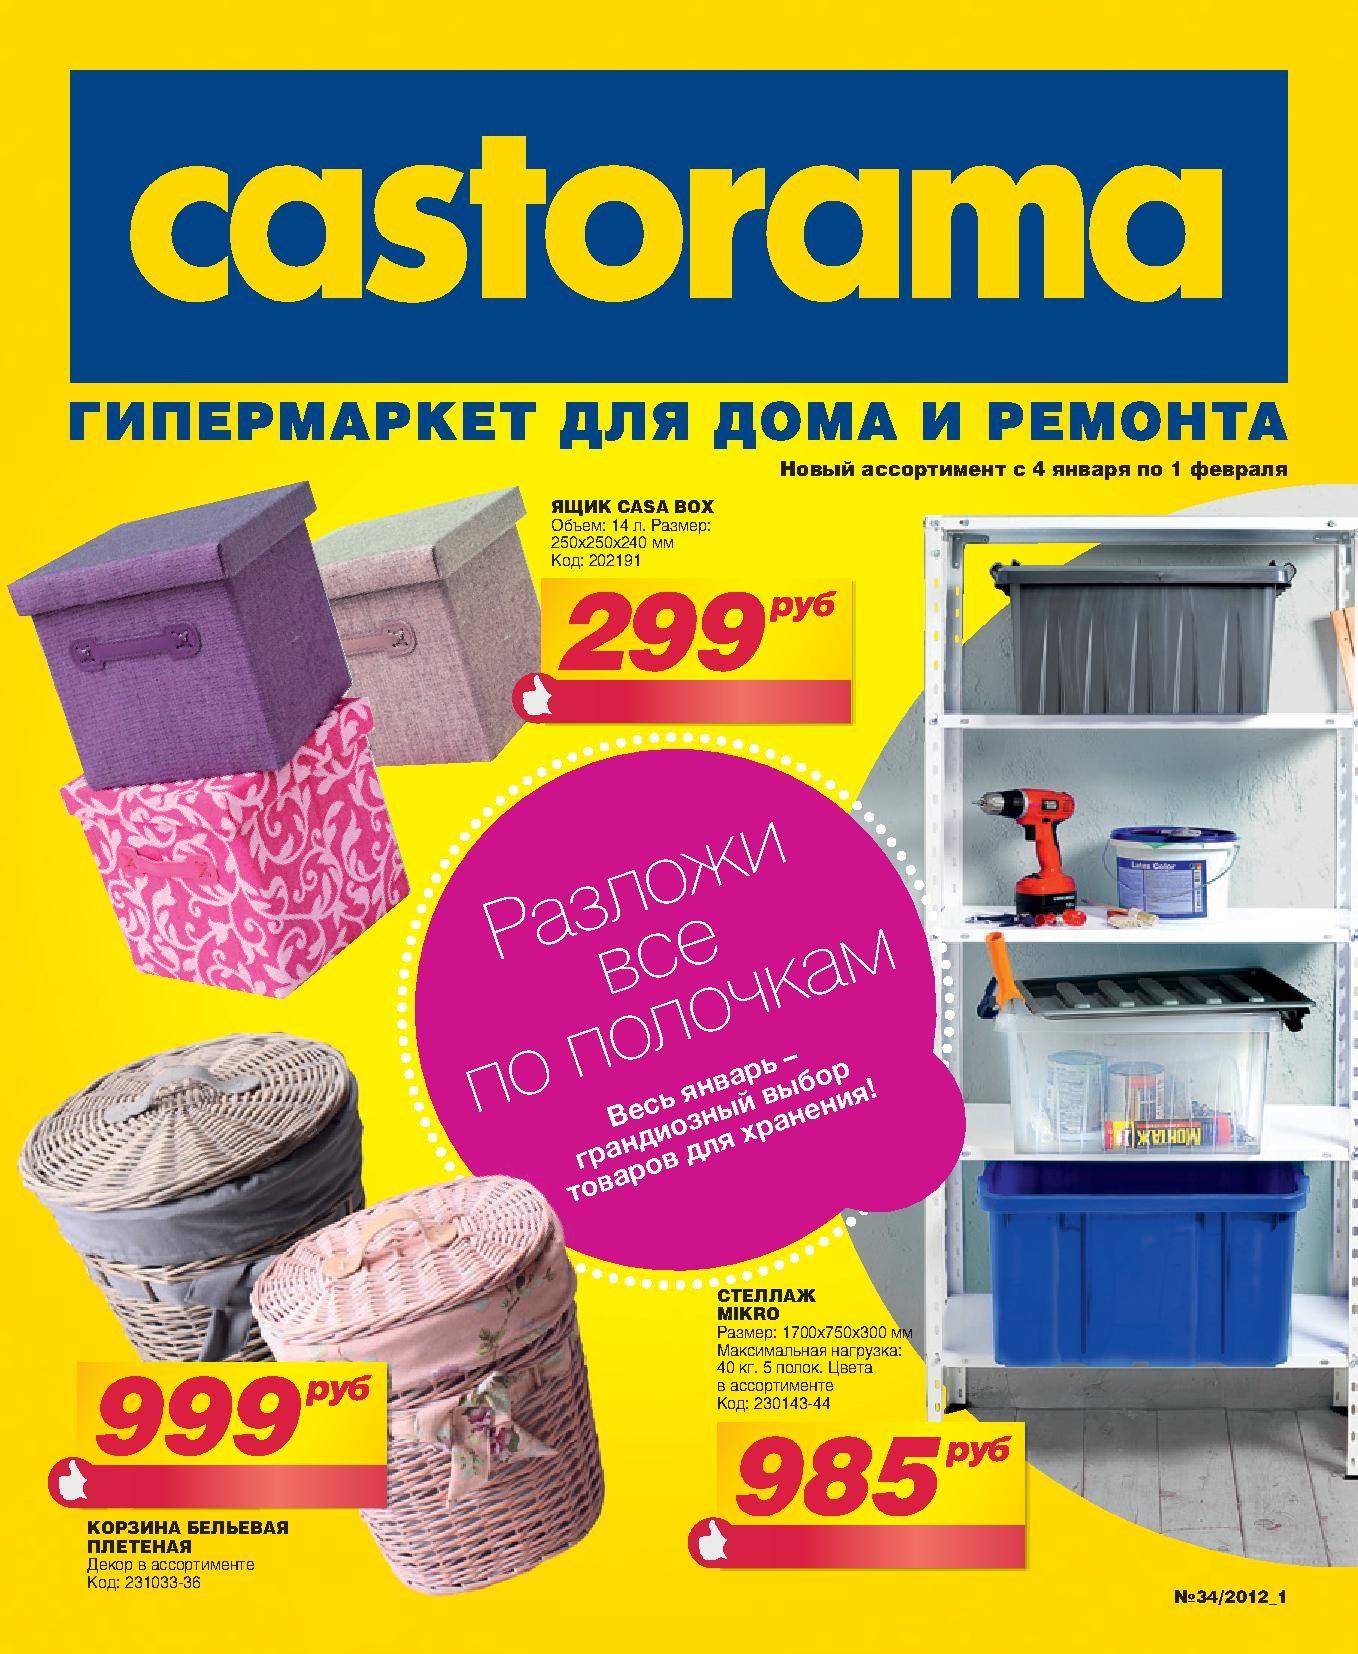 Касторама Интернет Магазин Официальный Сайт Челябинск